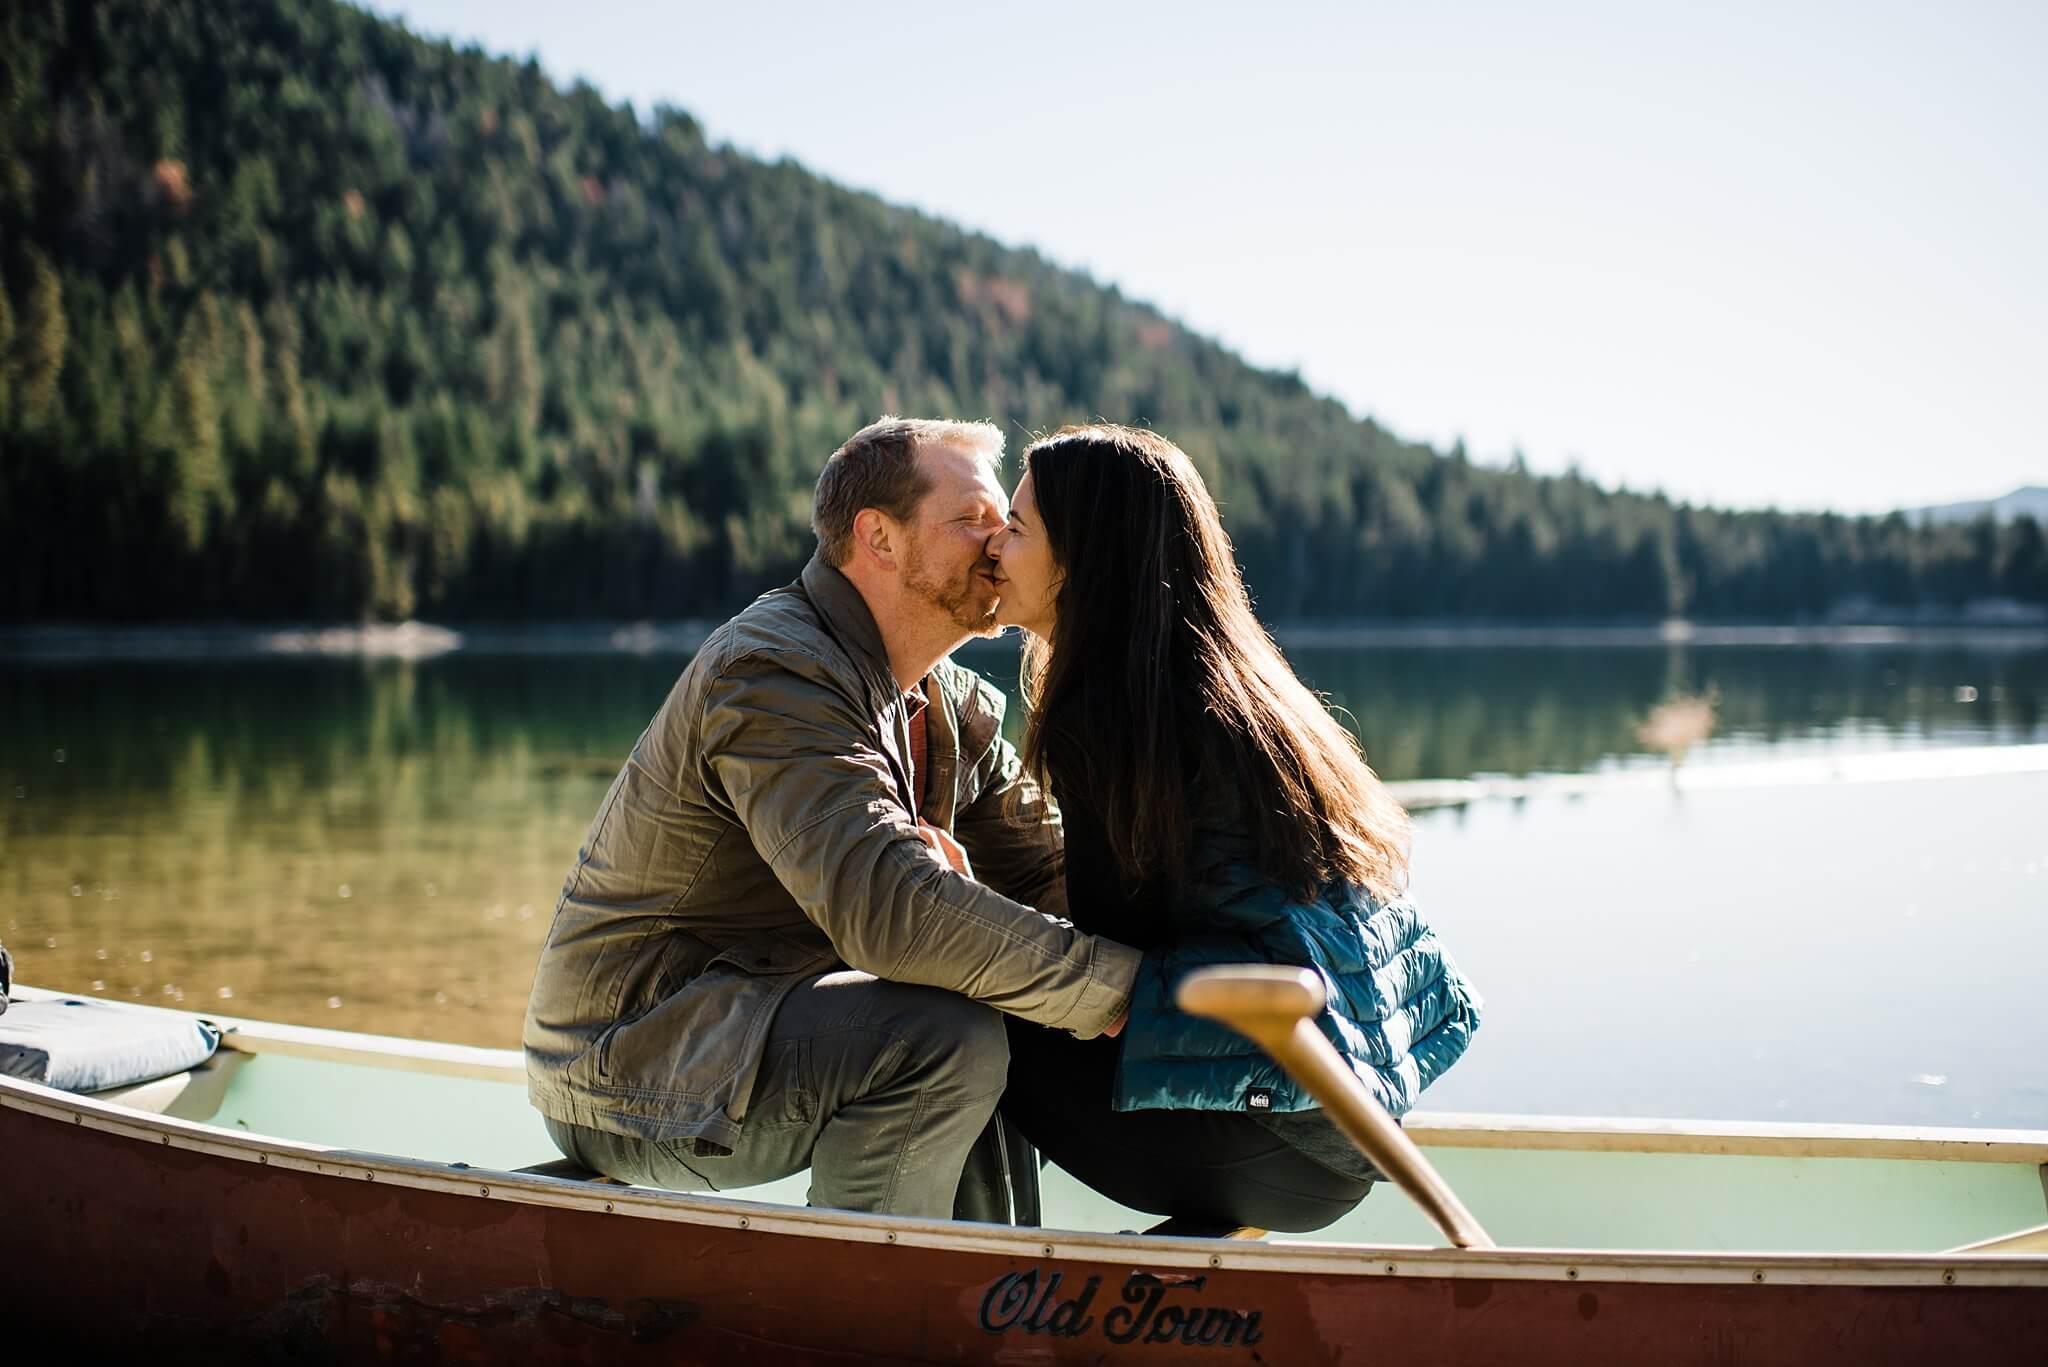 Canoe-Lake-Adventure-Engagement-Session-Oregon-Lemolo-S-Photography_0021.jpg